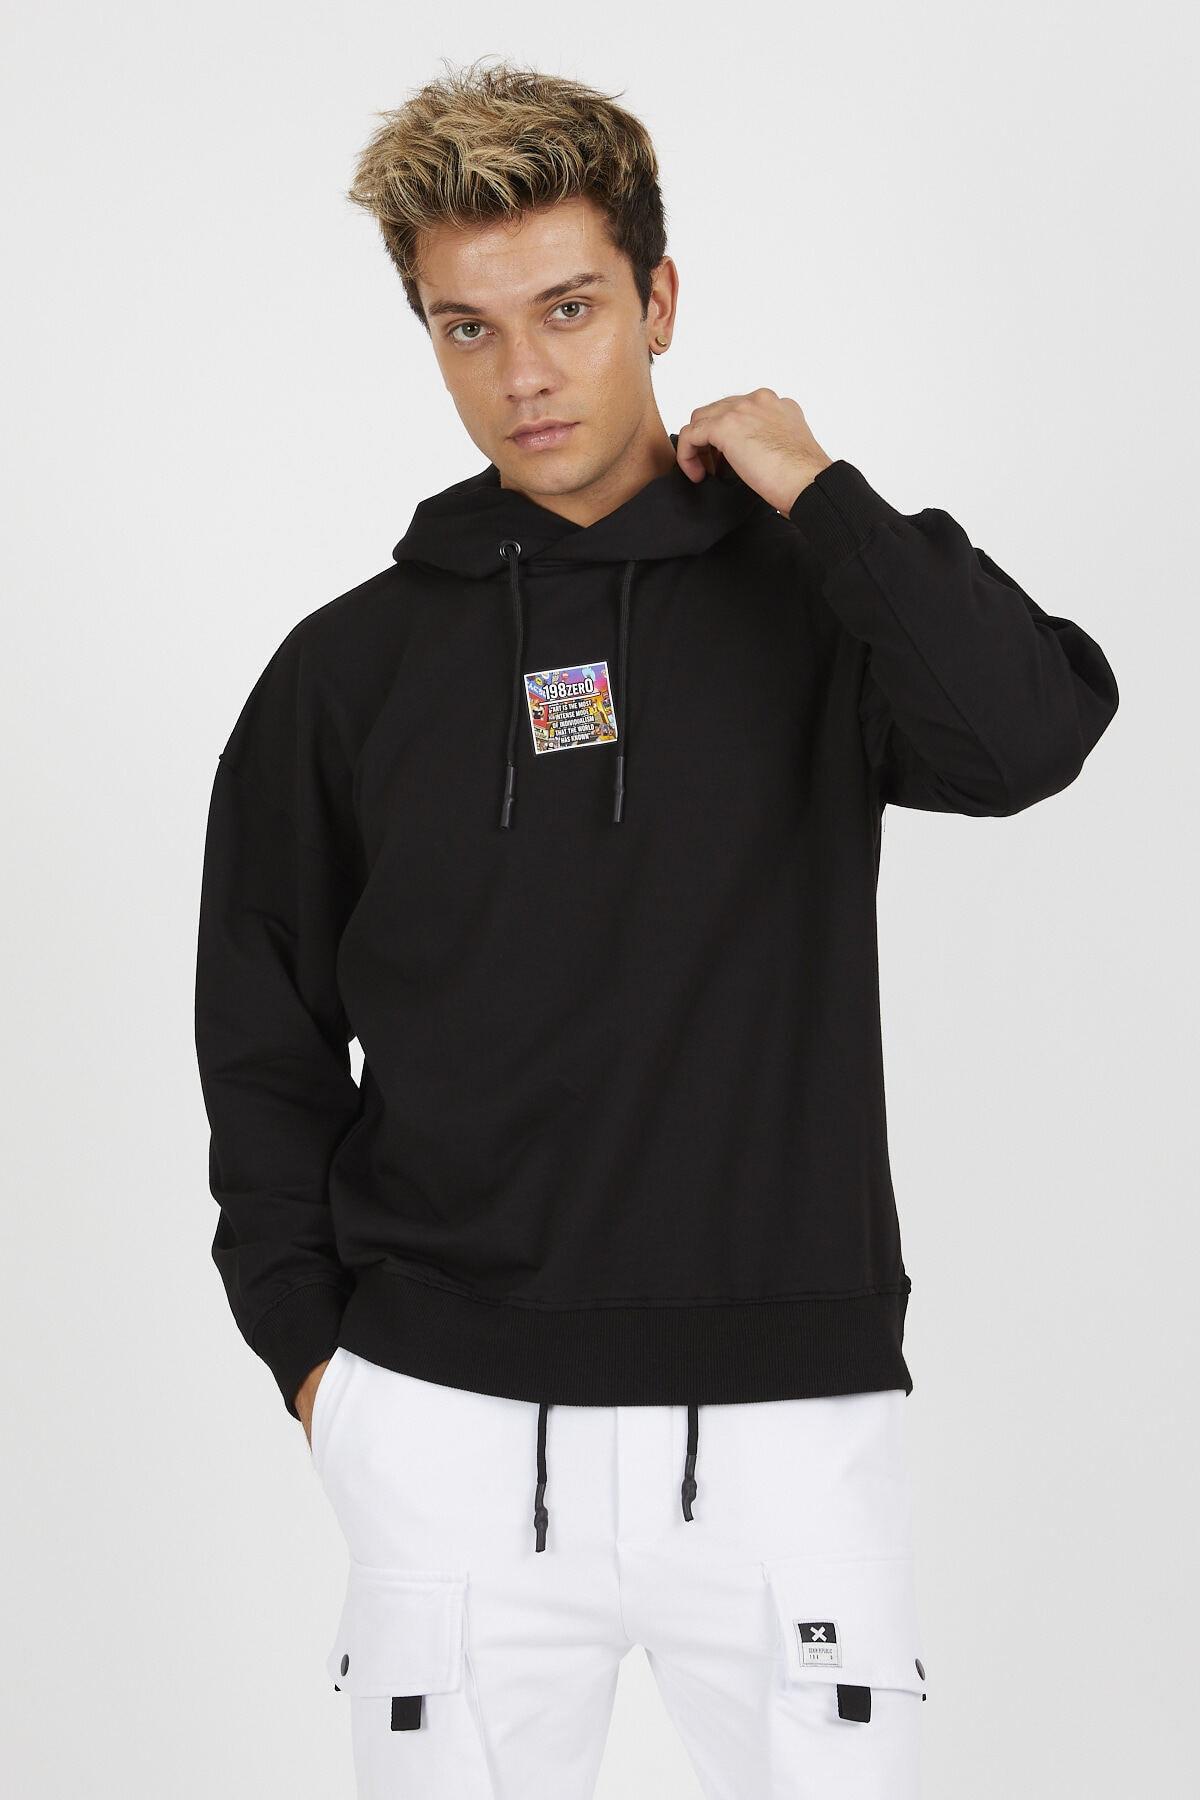 Denim Republic Erkek Siyah Baskılı Kapüşonlu Oversize Sweatshirt 1